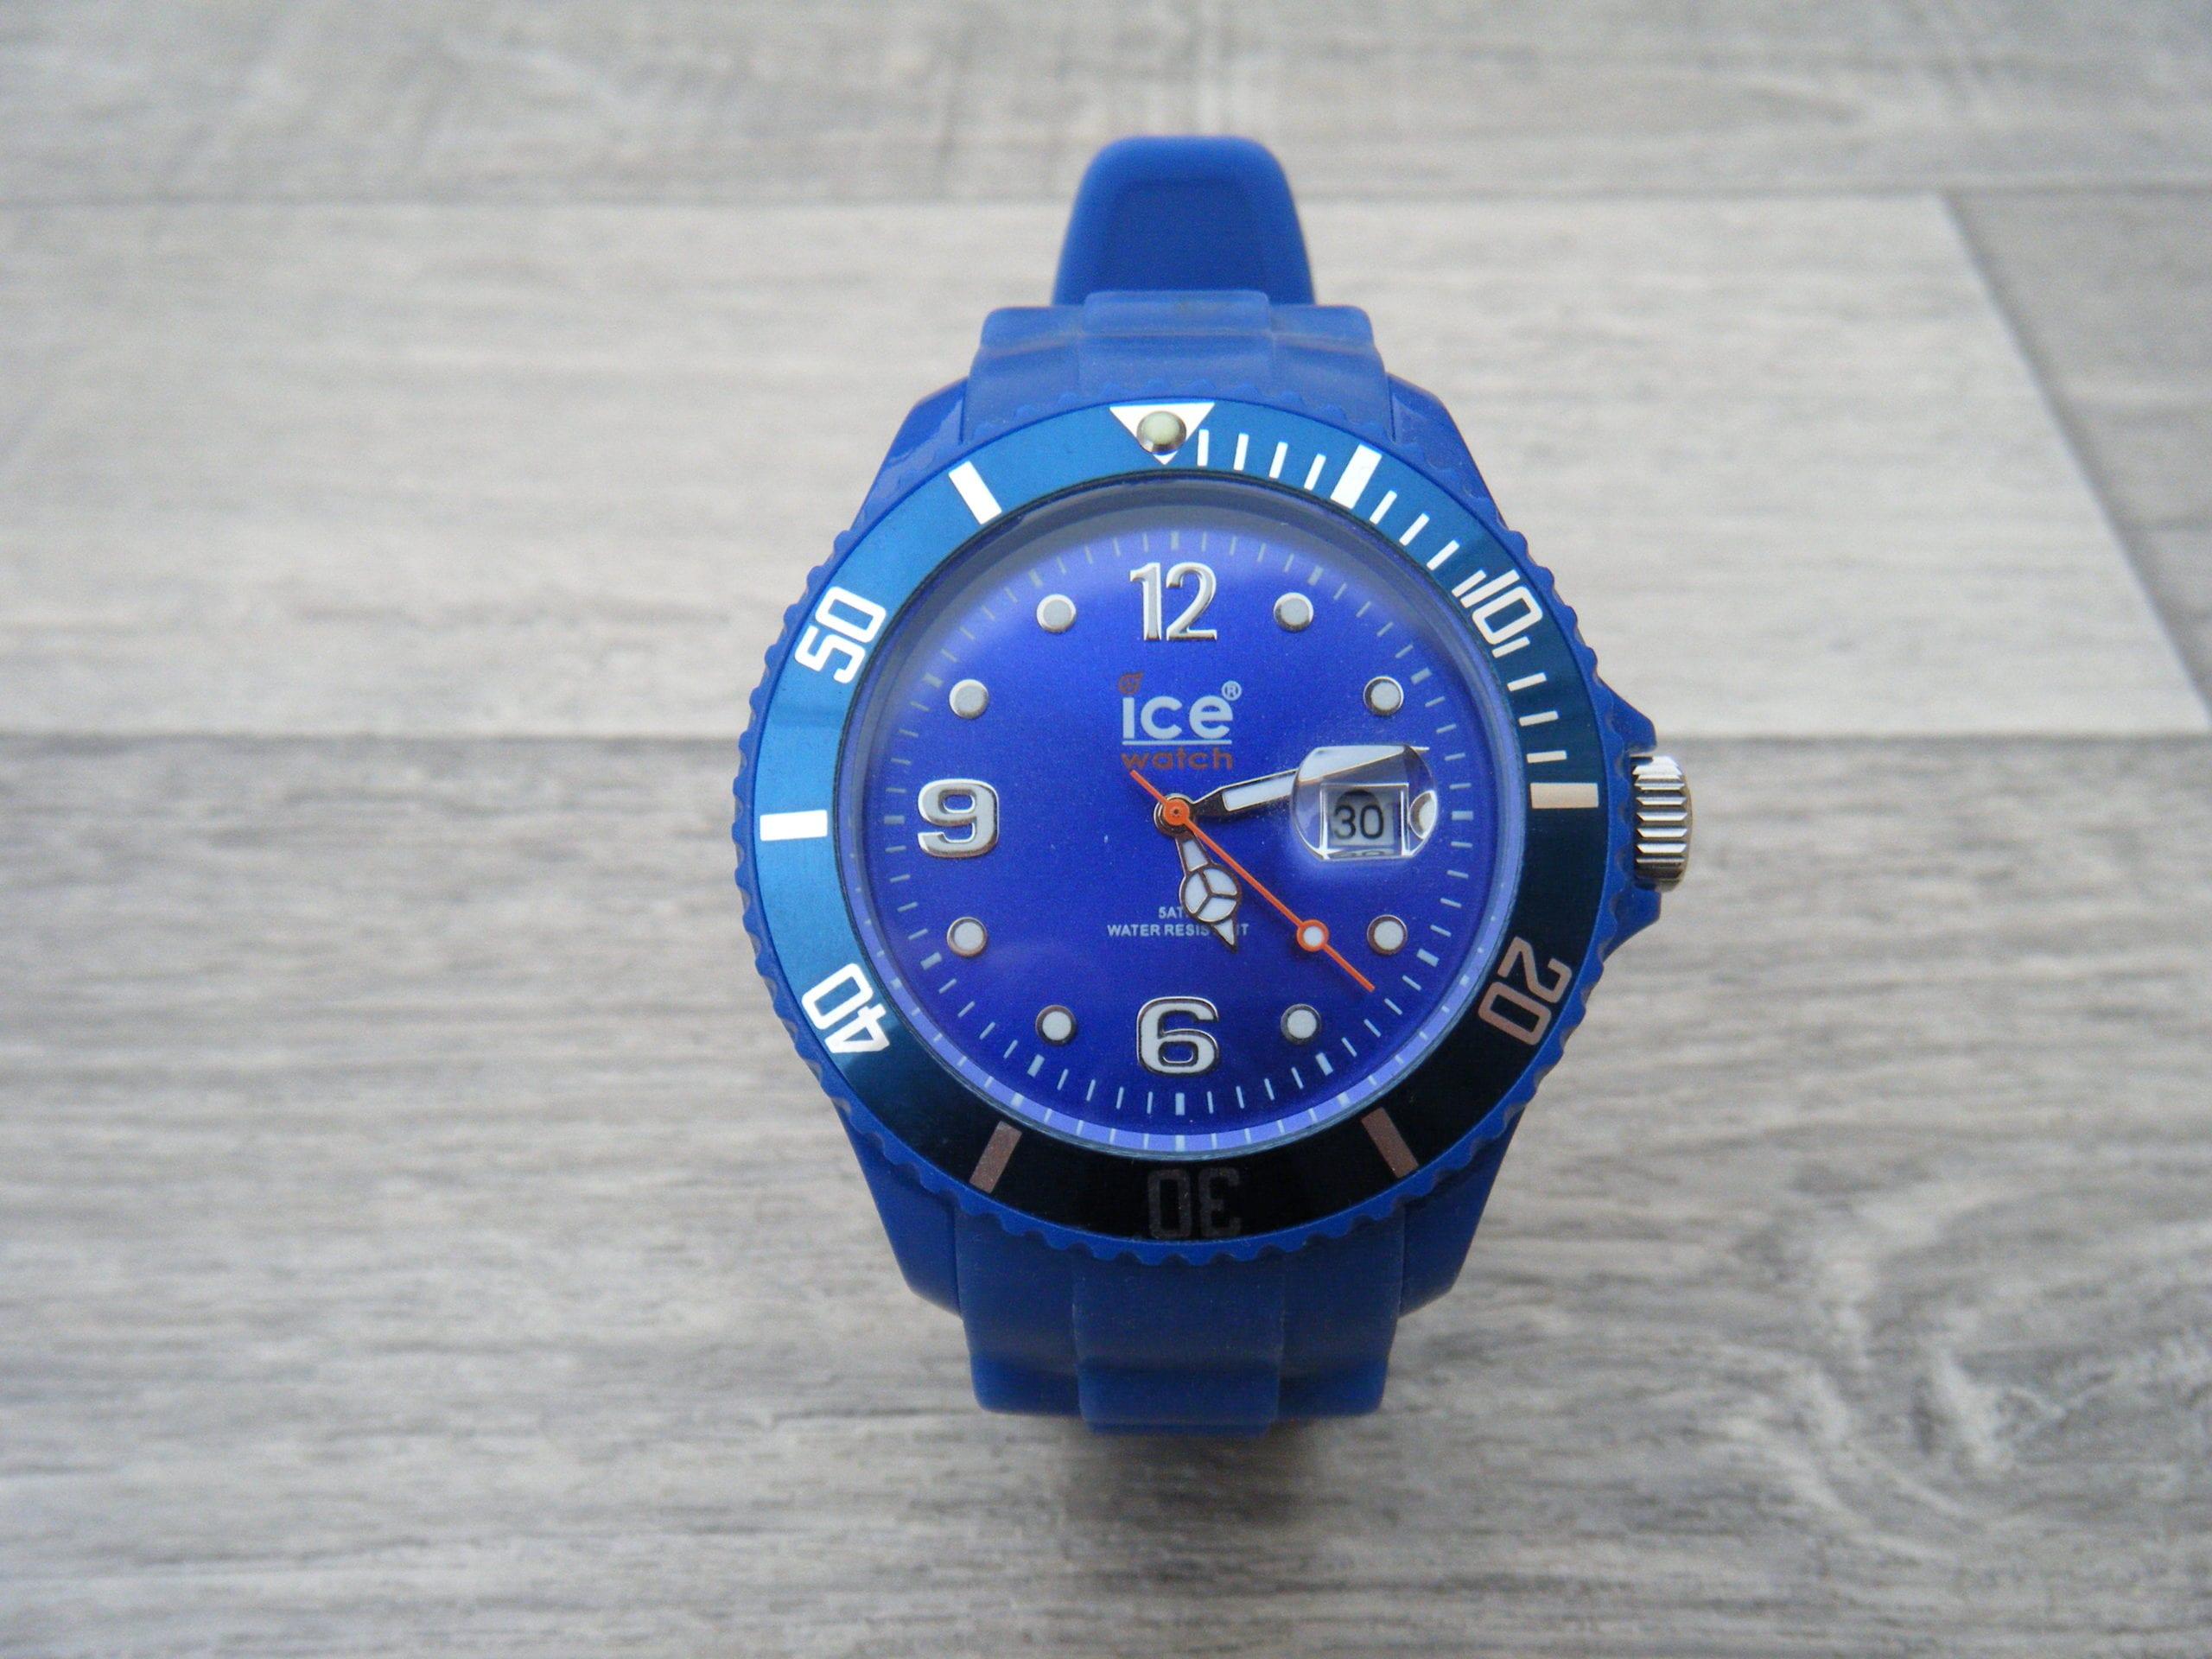 Montre ice watch bleu le barboteur - Montre ice watch bleu turquoise ...